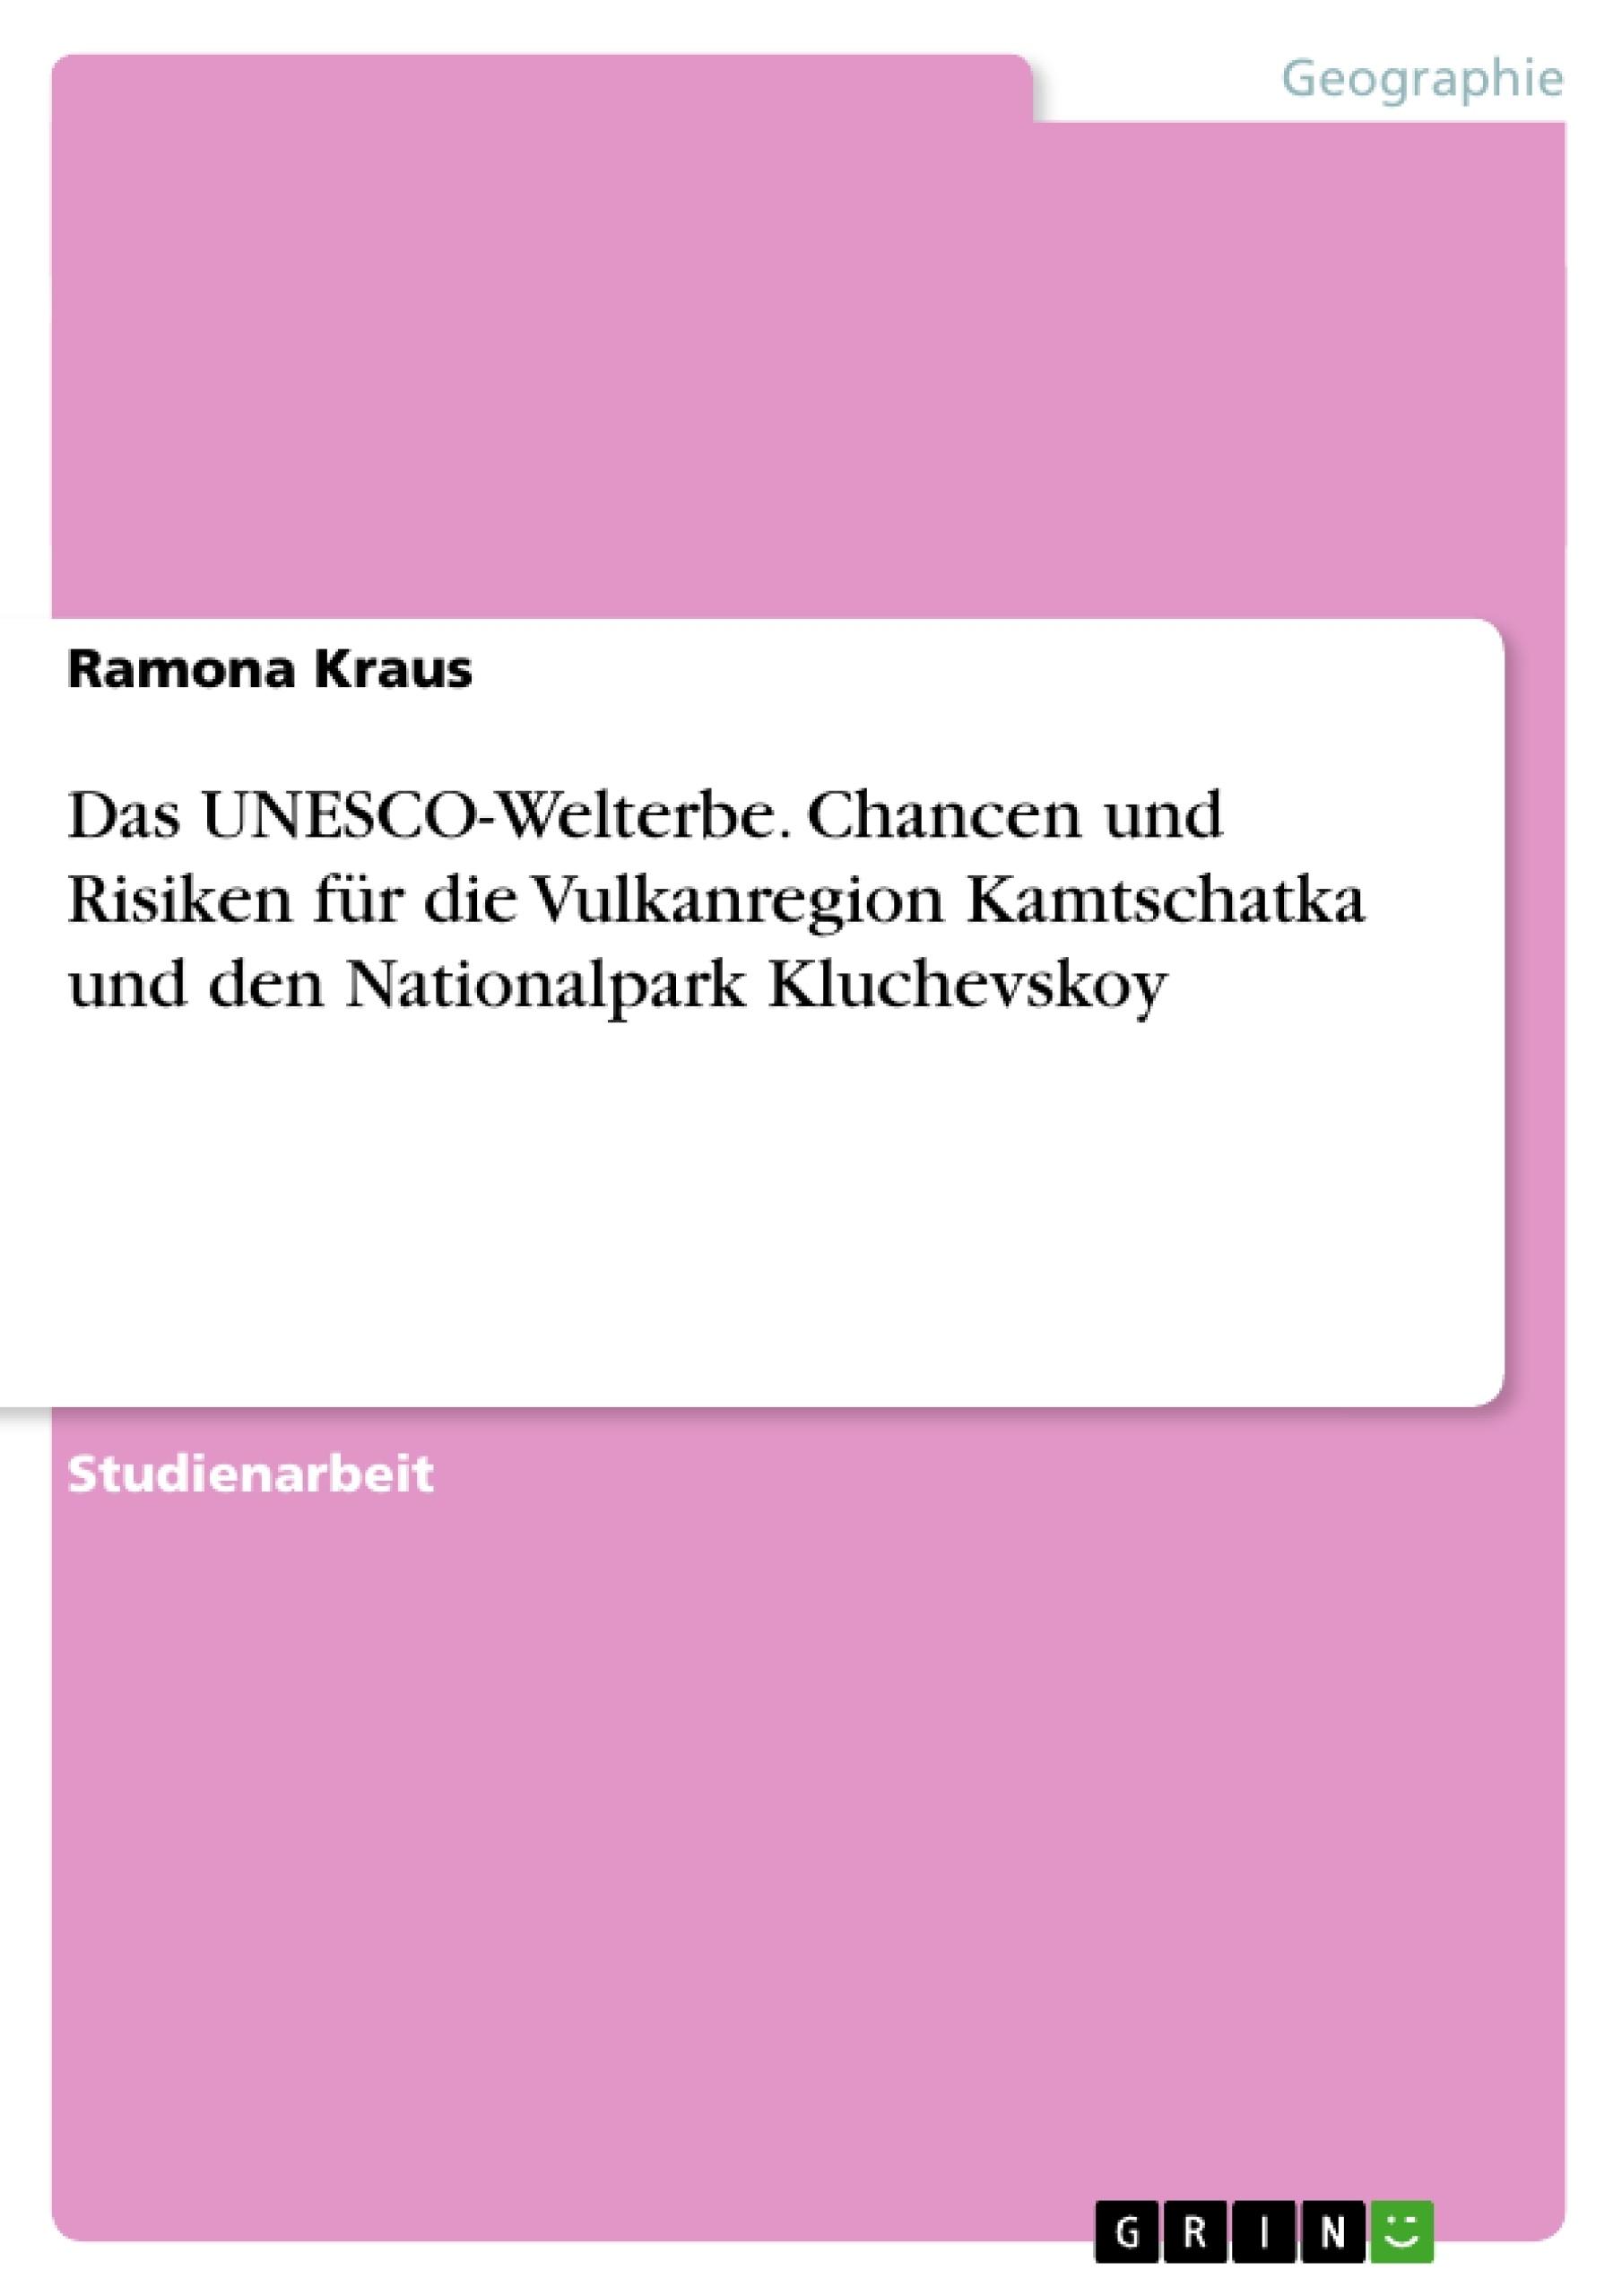 Titel: Das UNESCO-Welterbe. Chancen und Risiken für die Vulkanregion Kamtschatka und den Nationalpark Kluchevskoy